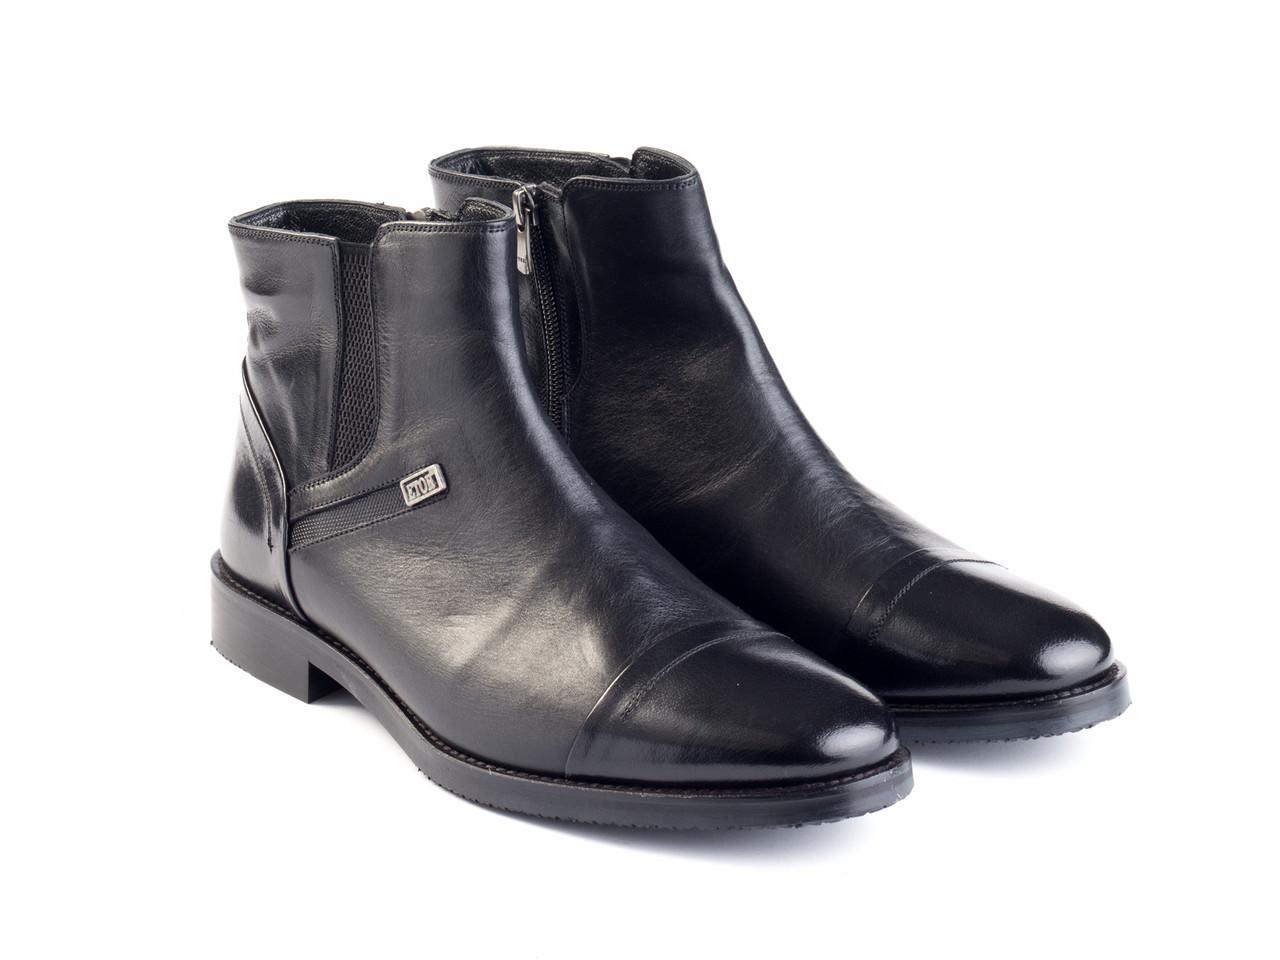 Ботинки Etor 13985-72-66 41 черные